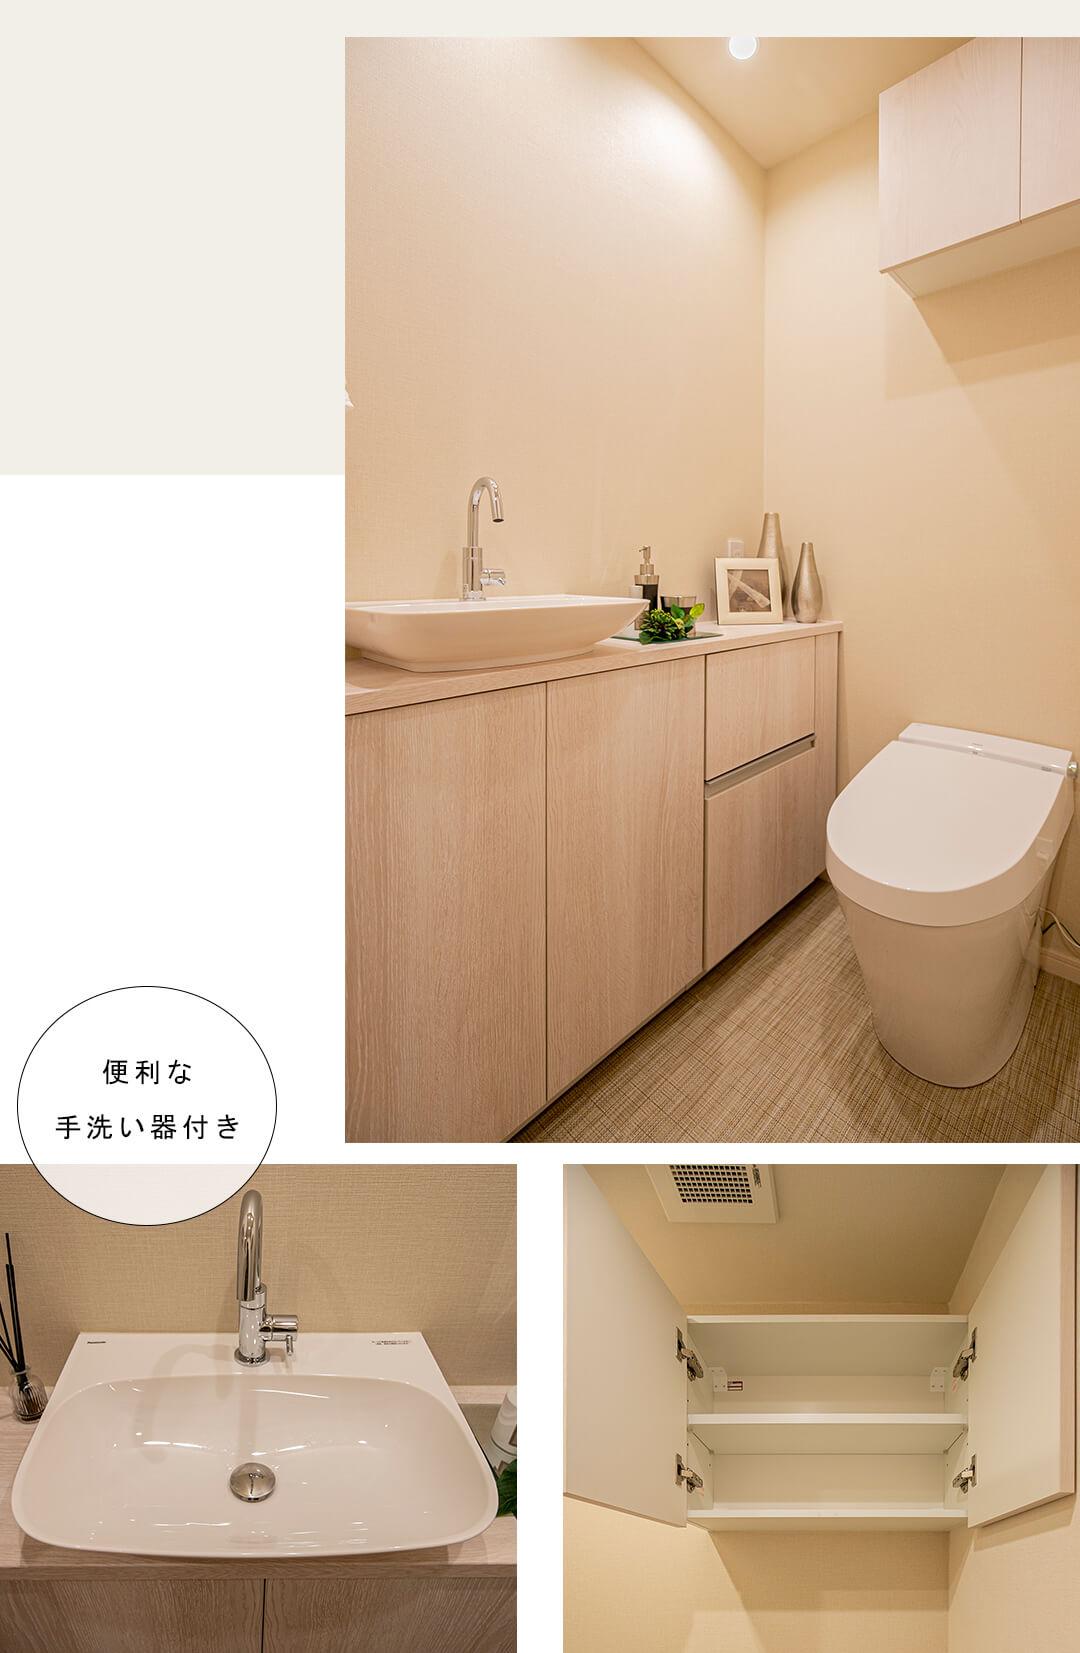 南青山スカイハイツのトイレ